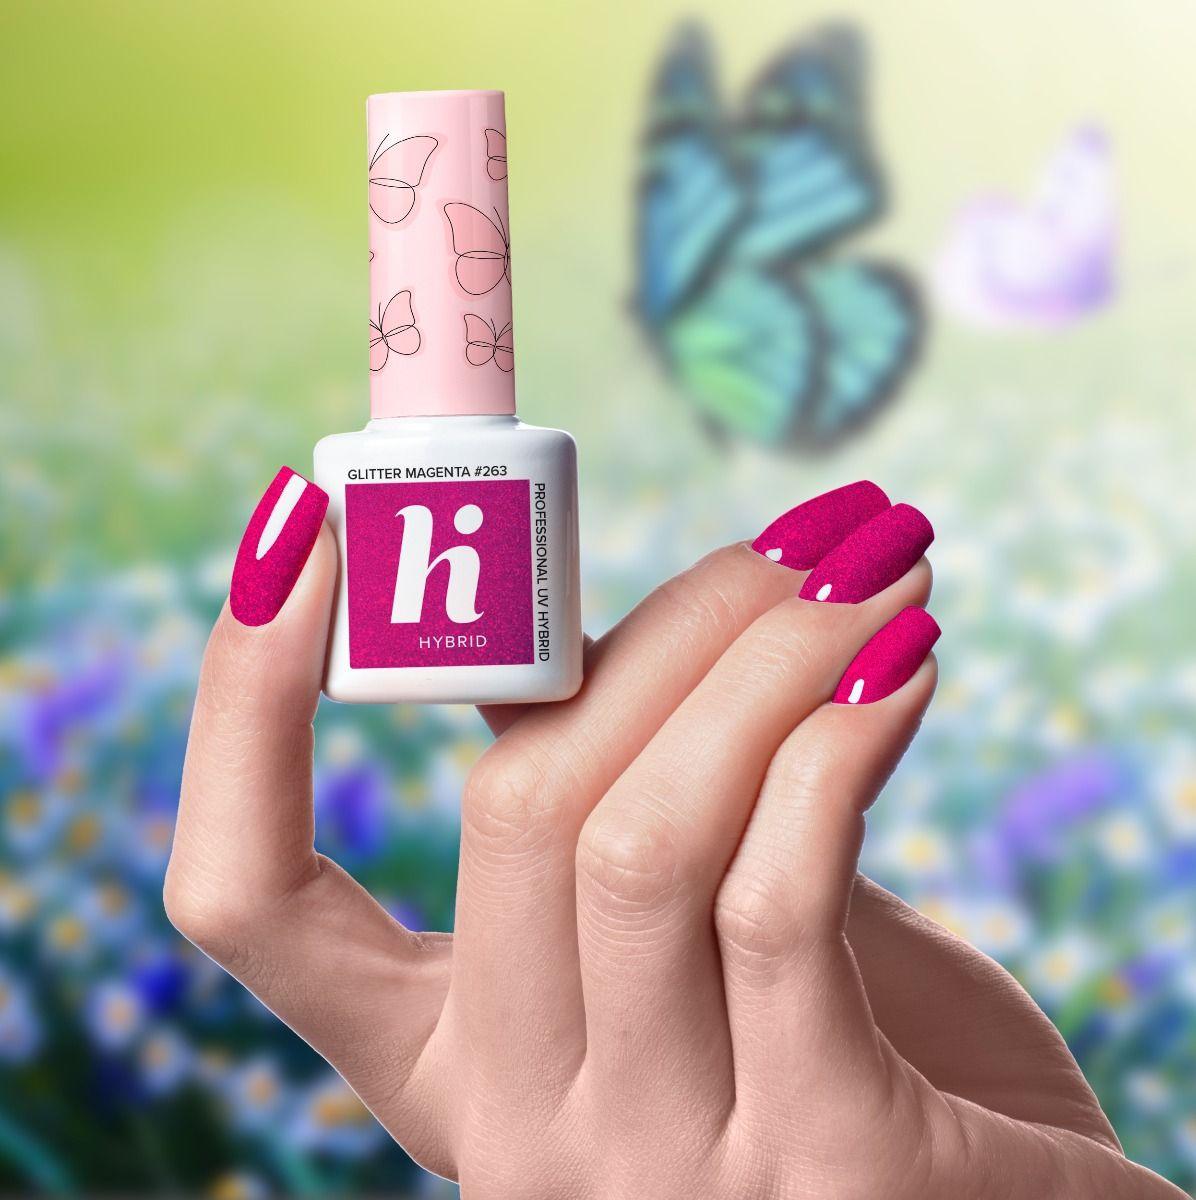 HI HYBRID #263 GLITTER MAGENTA 5ml